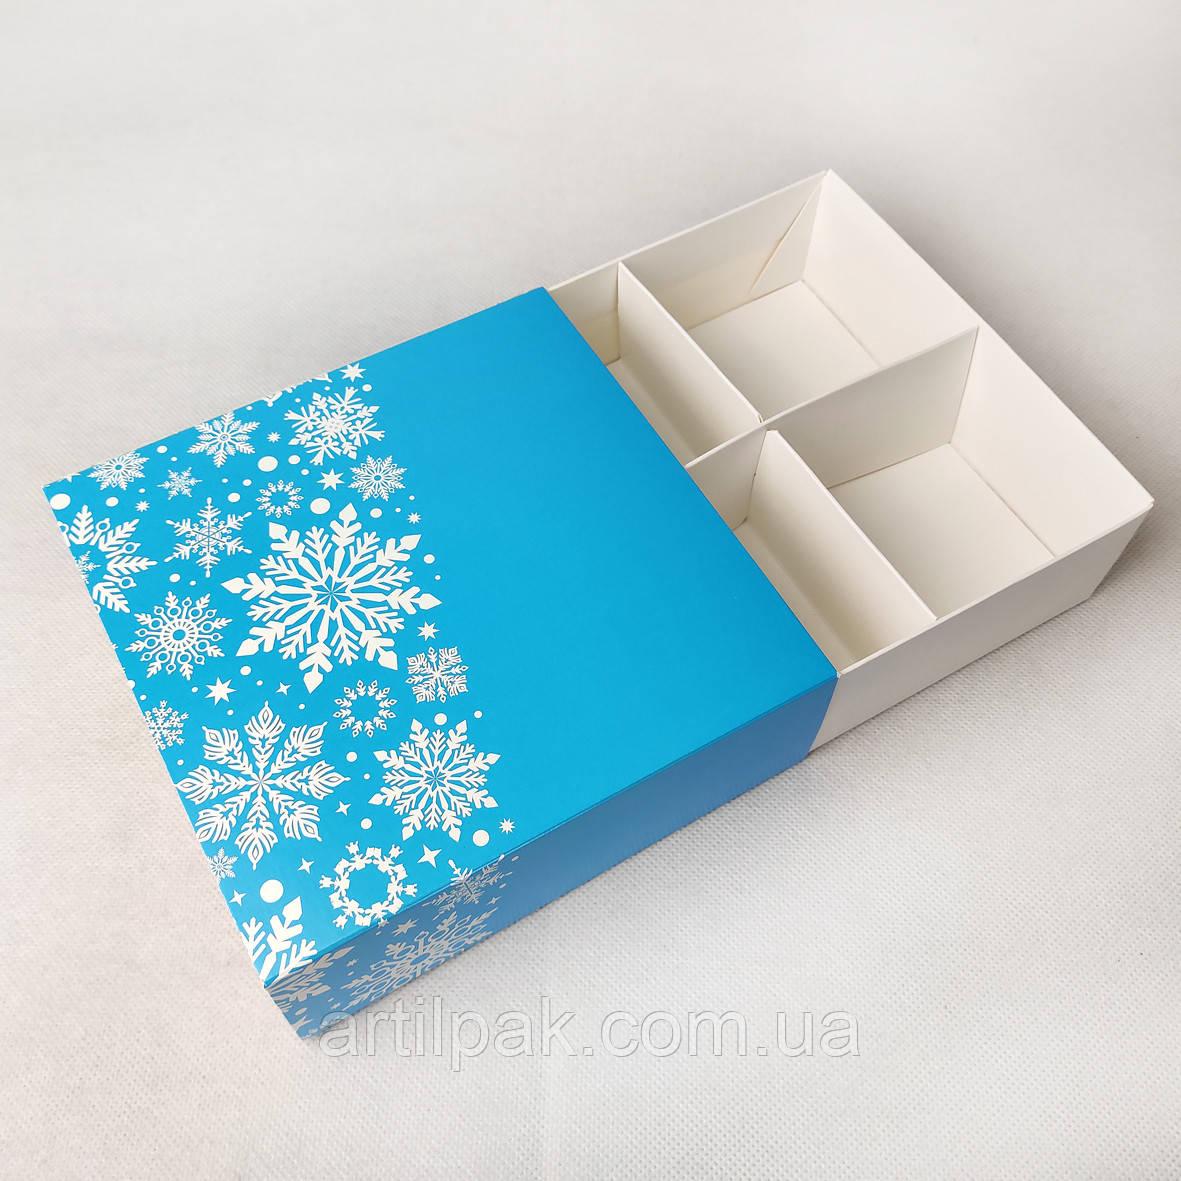 Універсальна коробка-пенал з ложементом 160*160*55 НОВОРІЧНА СИНЯ